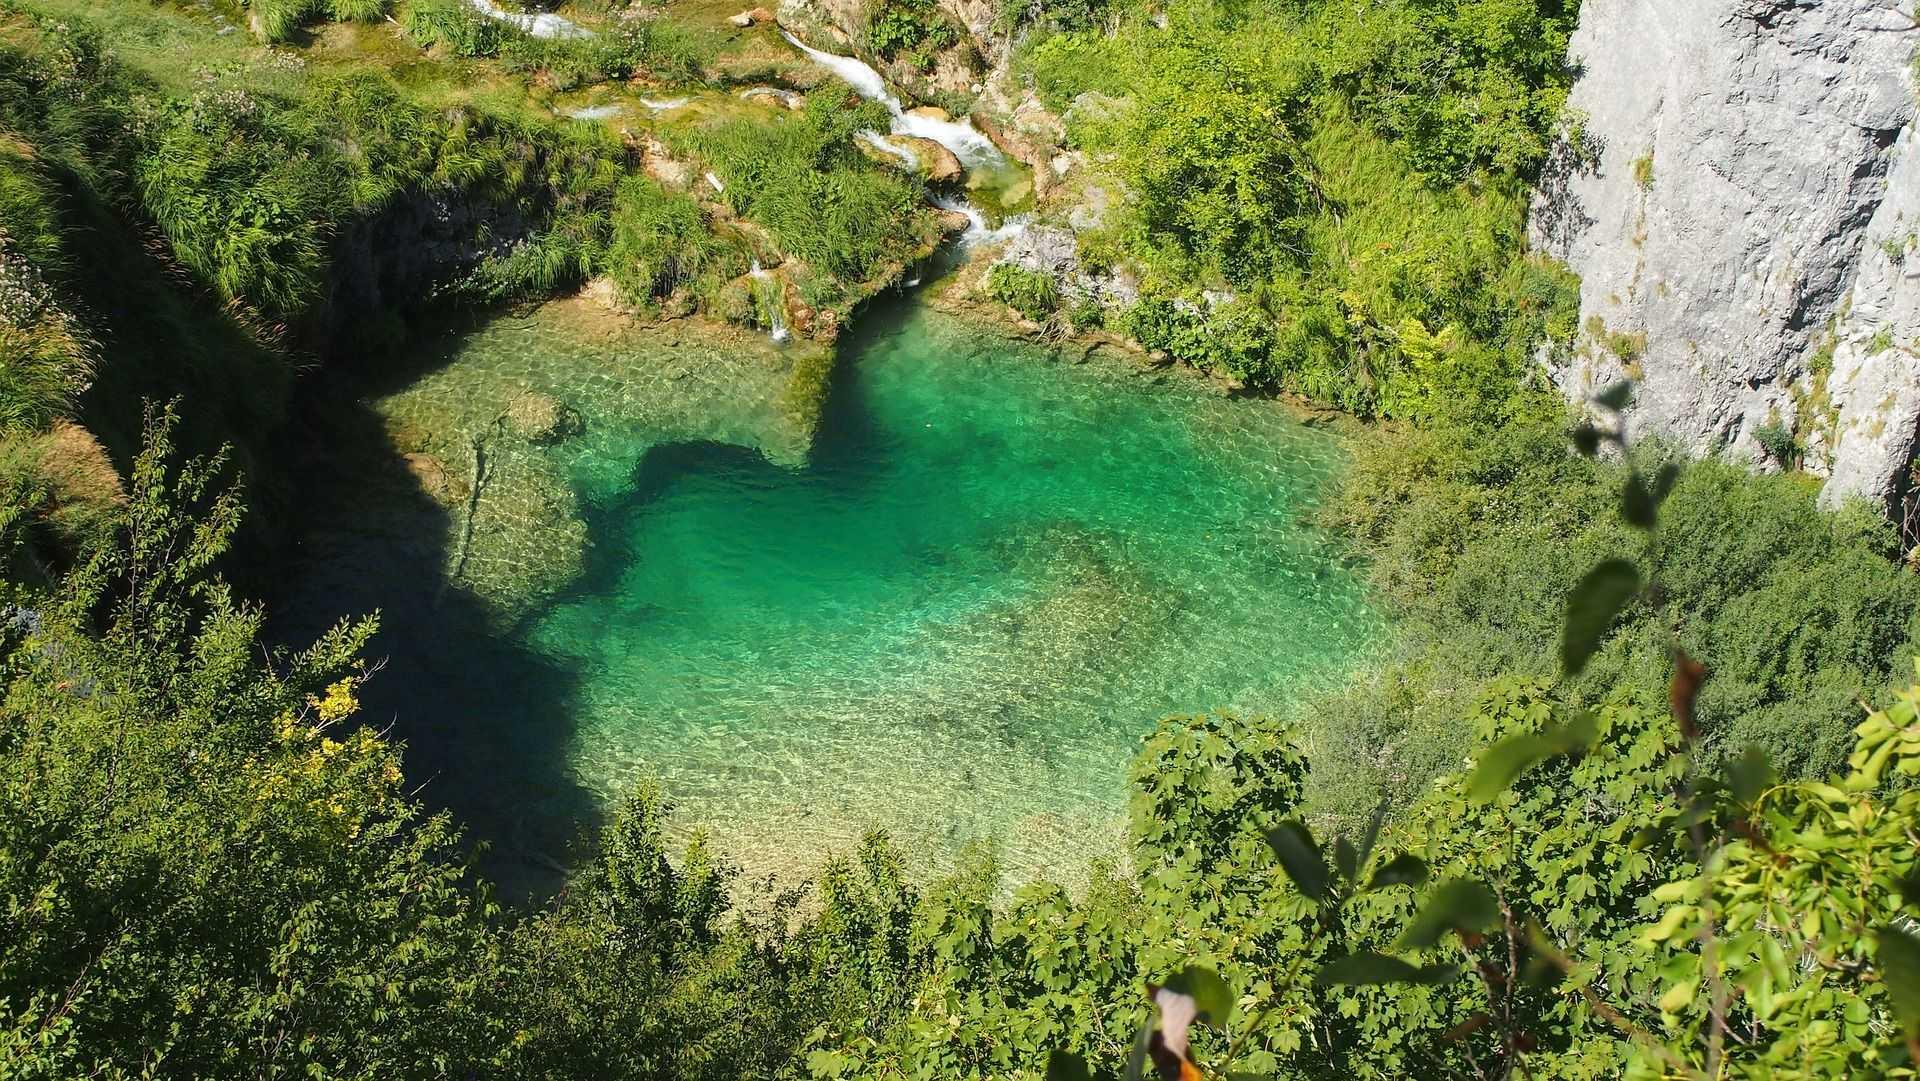 Lac dans le parc de Plivitce lors d'une randonnée